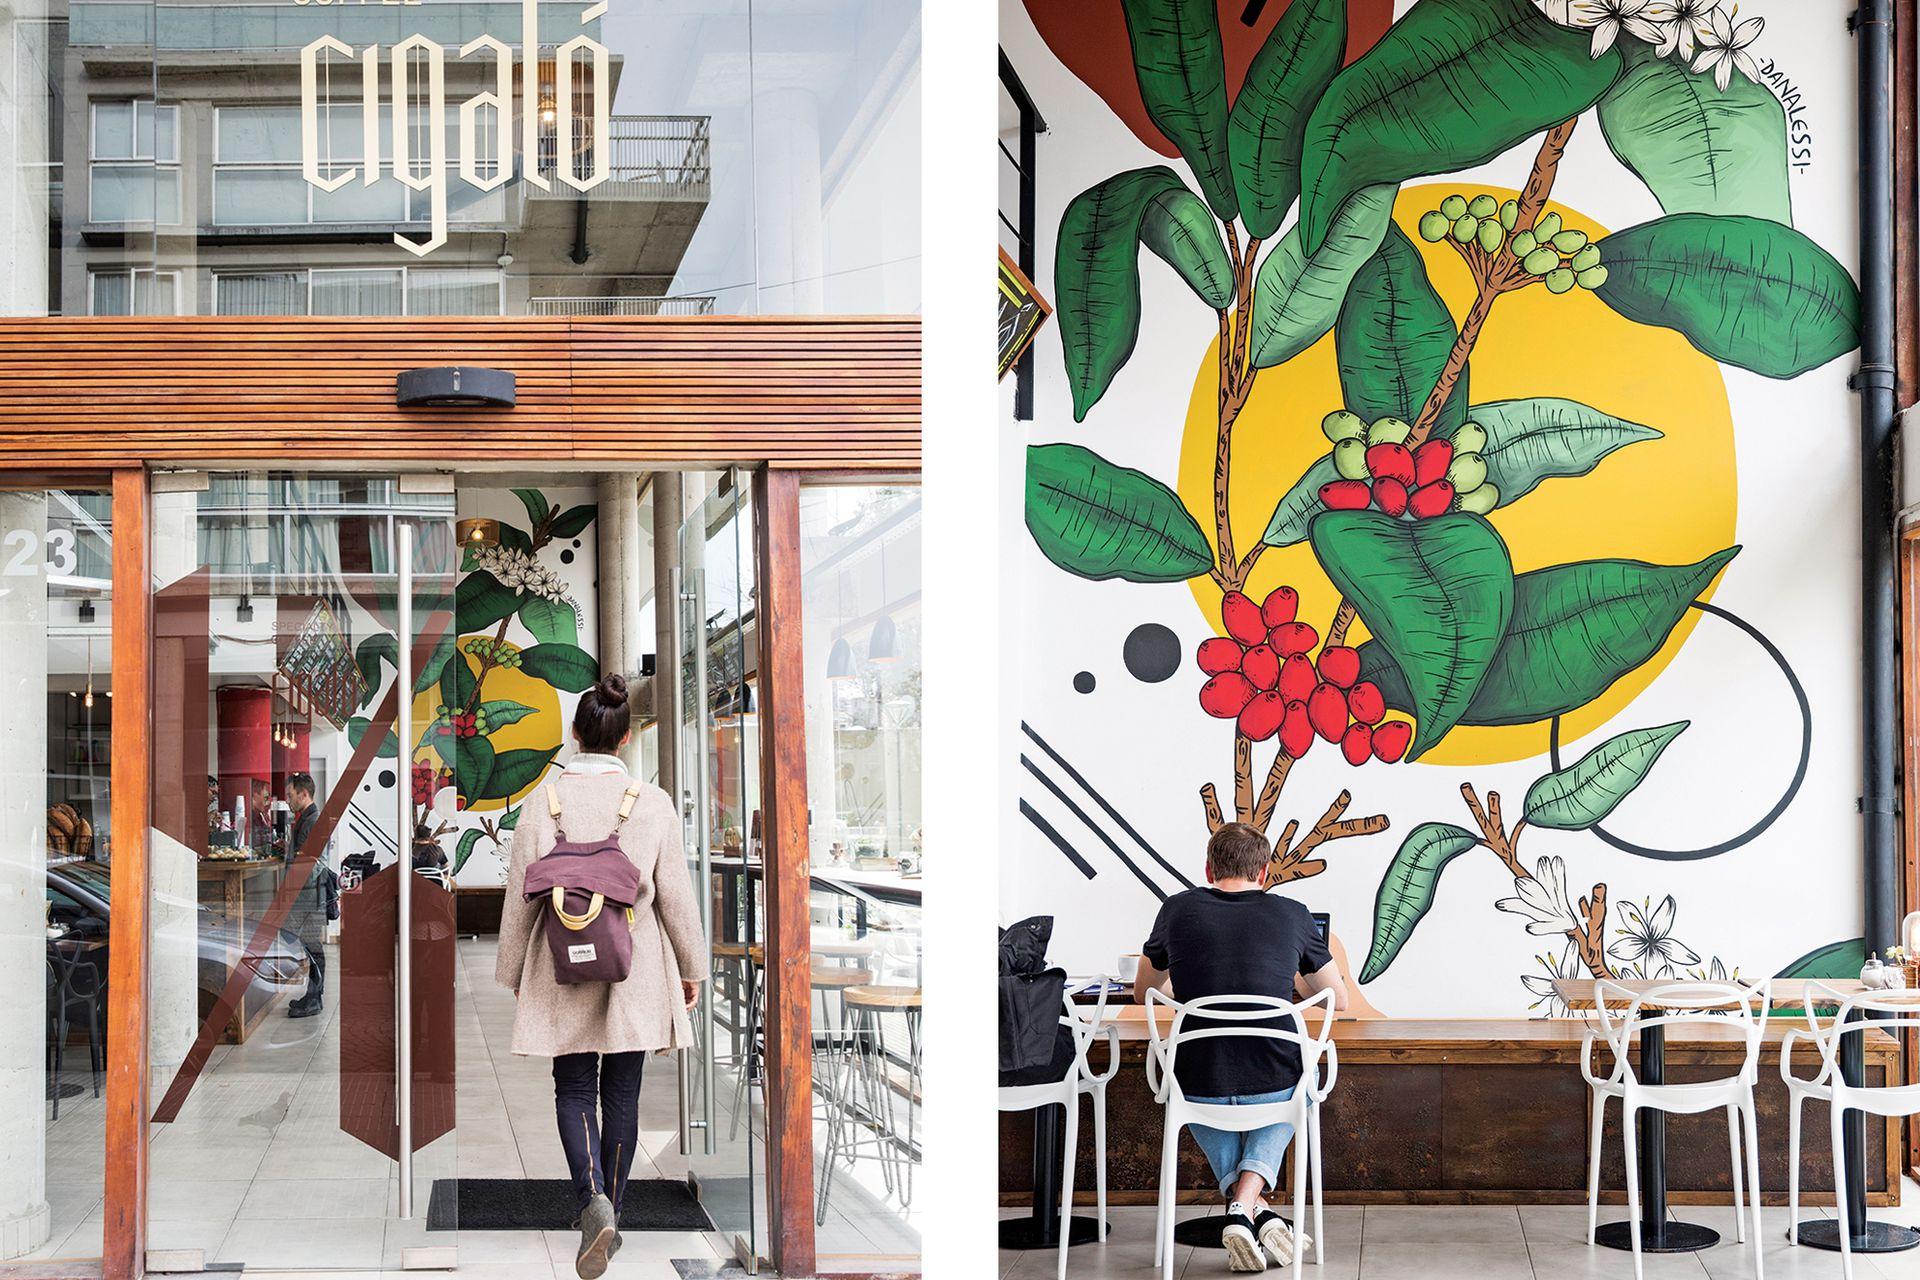 En el local de Holmberg 2004, el mural de la planta de café gigante es de la artista Dana Alessi.